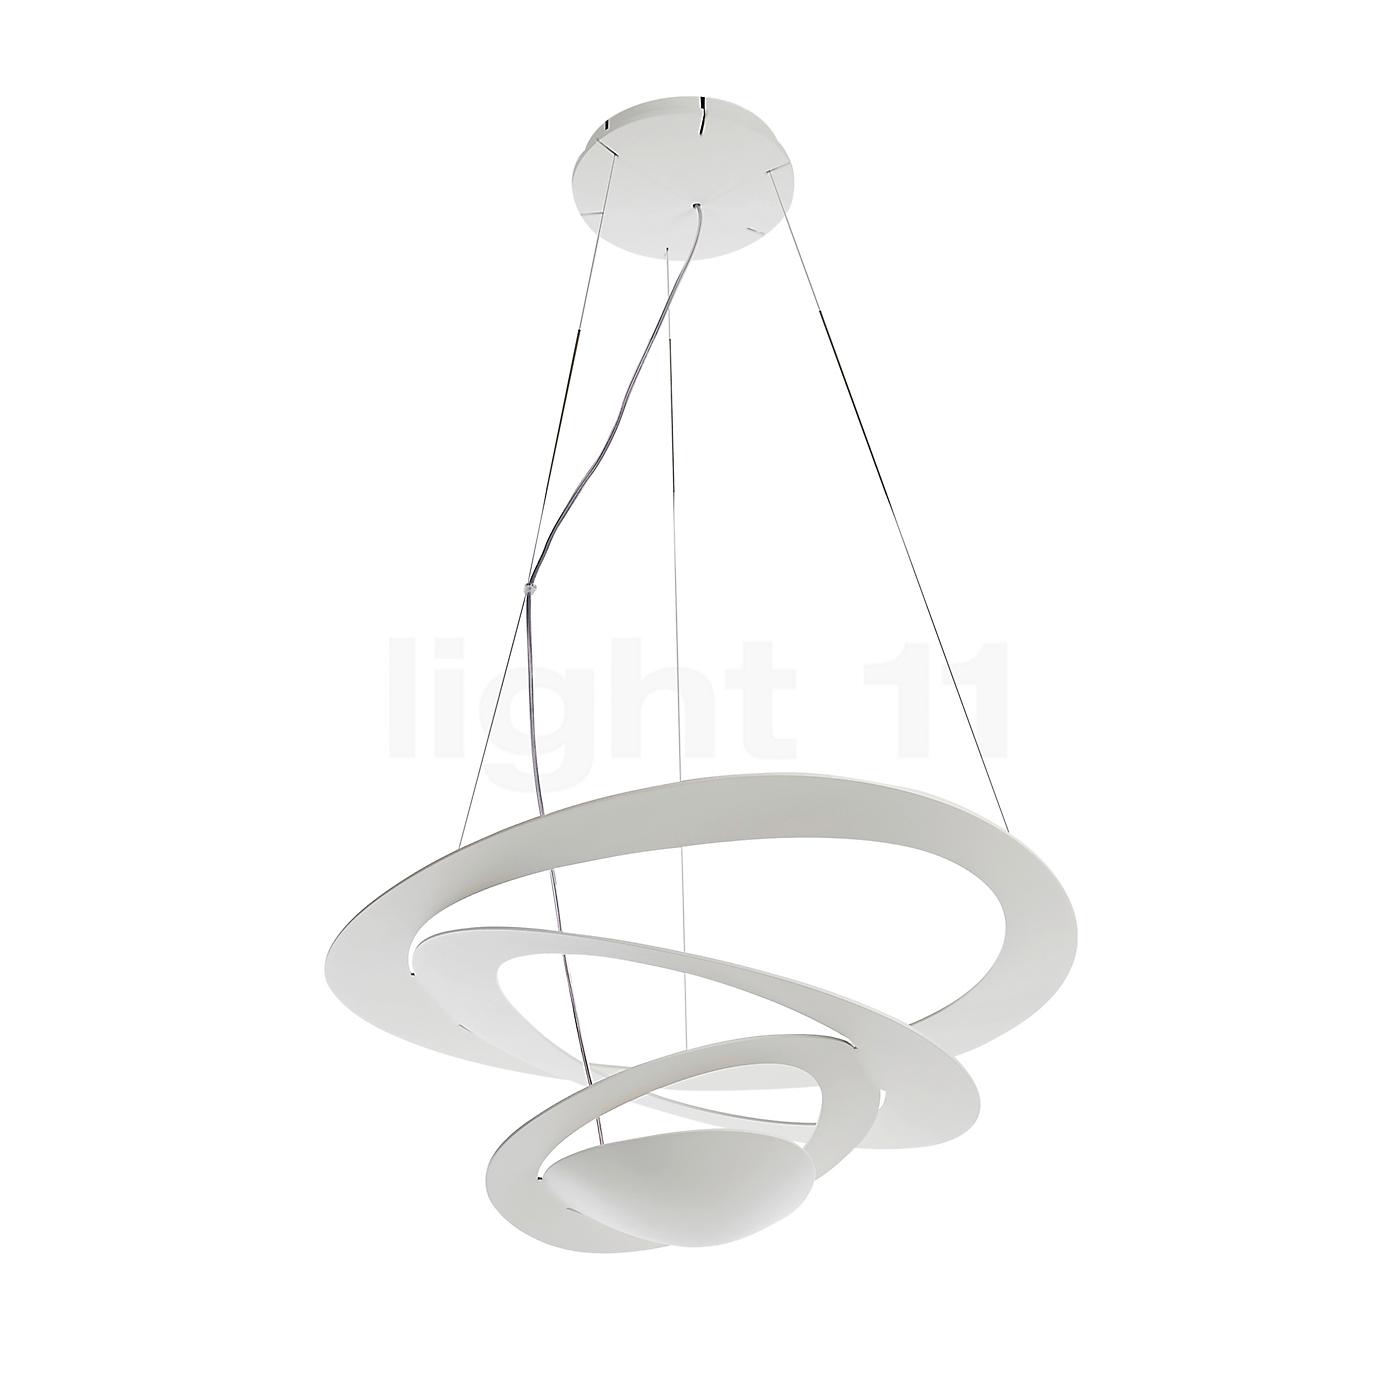 artemide pirce mini sospensione led. Black Bedroom Furniture Sets. Home Design Ideas